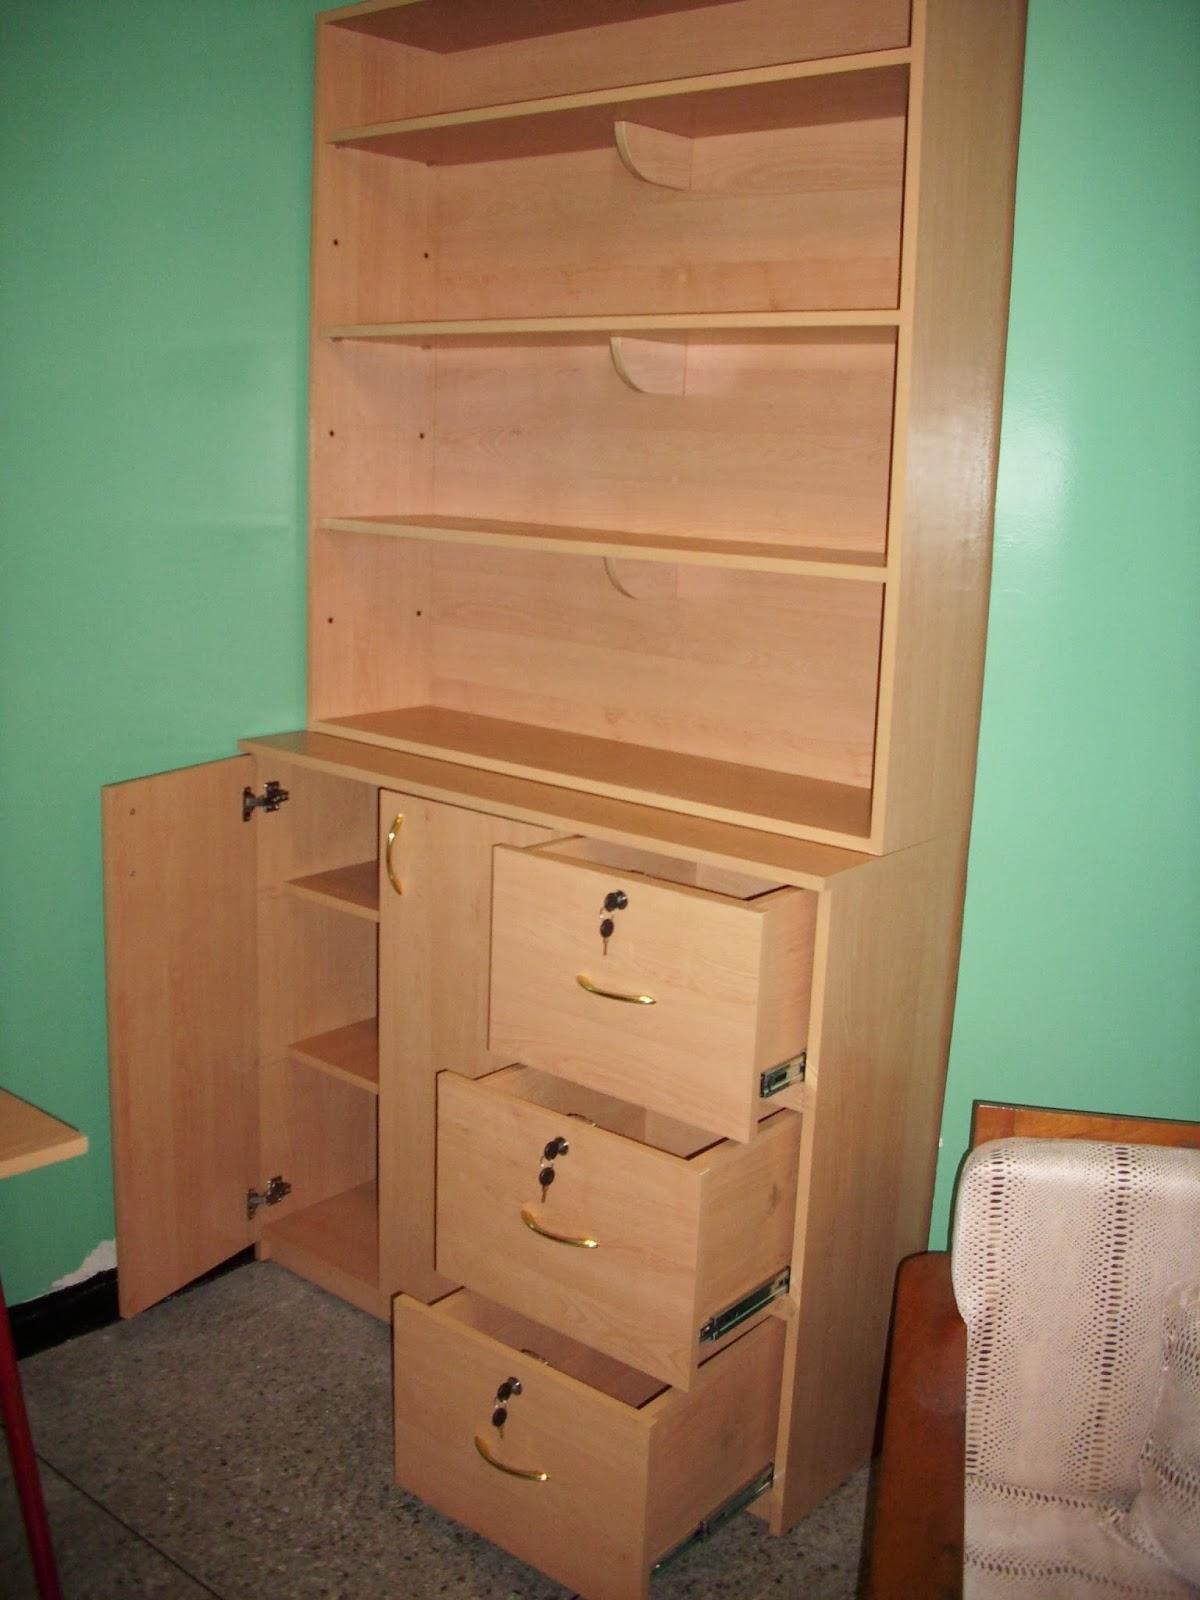 Mis trabajos en madera mueble en melamina for Trabajos de melamina